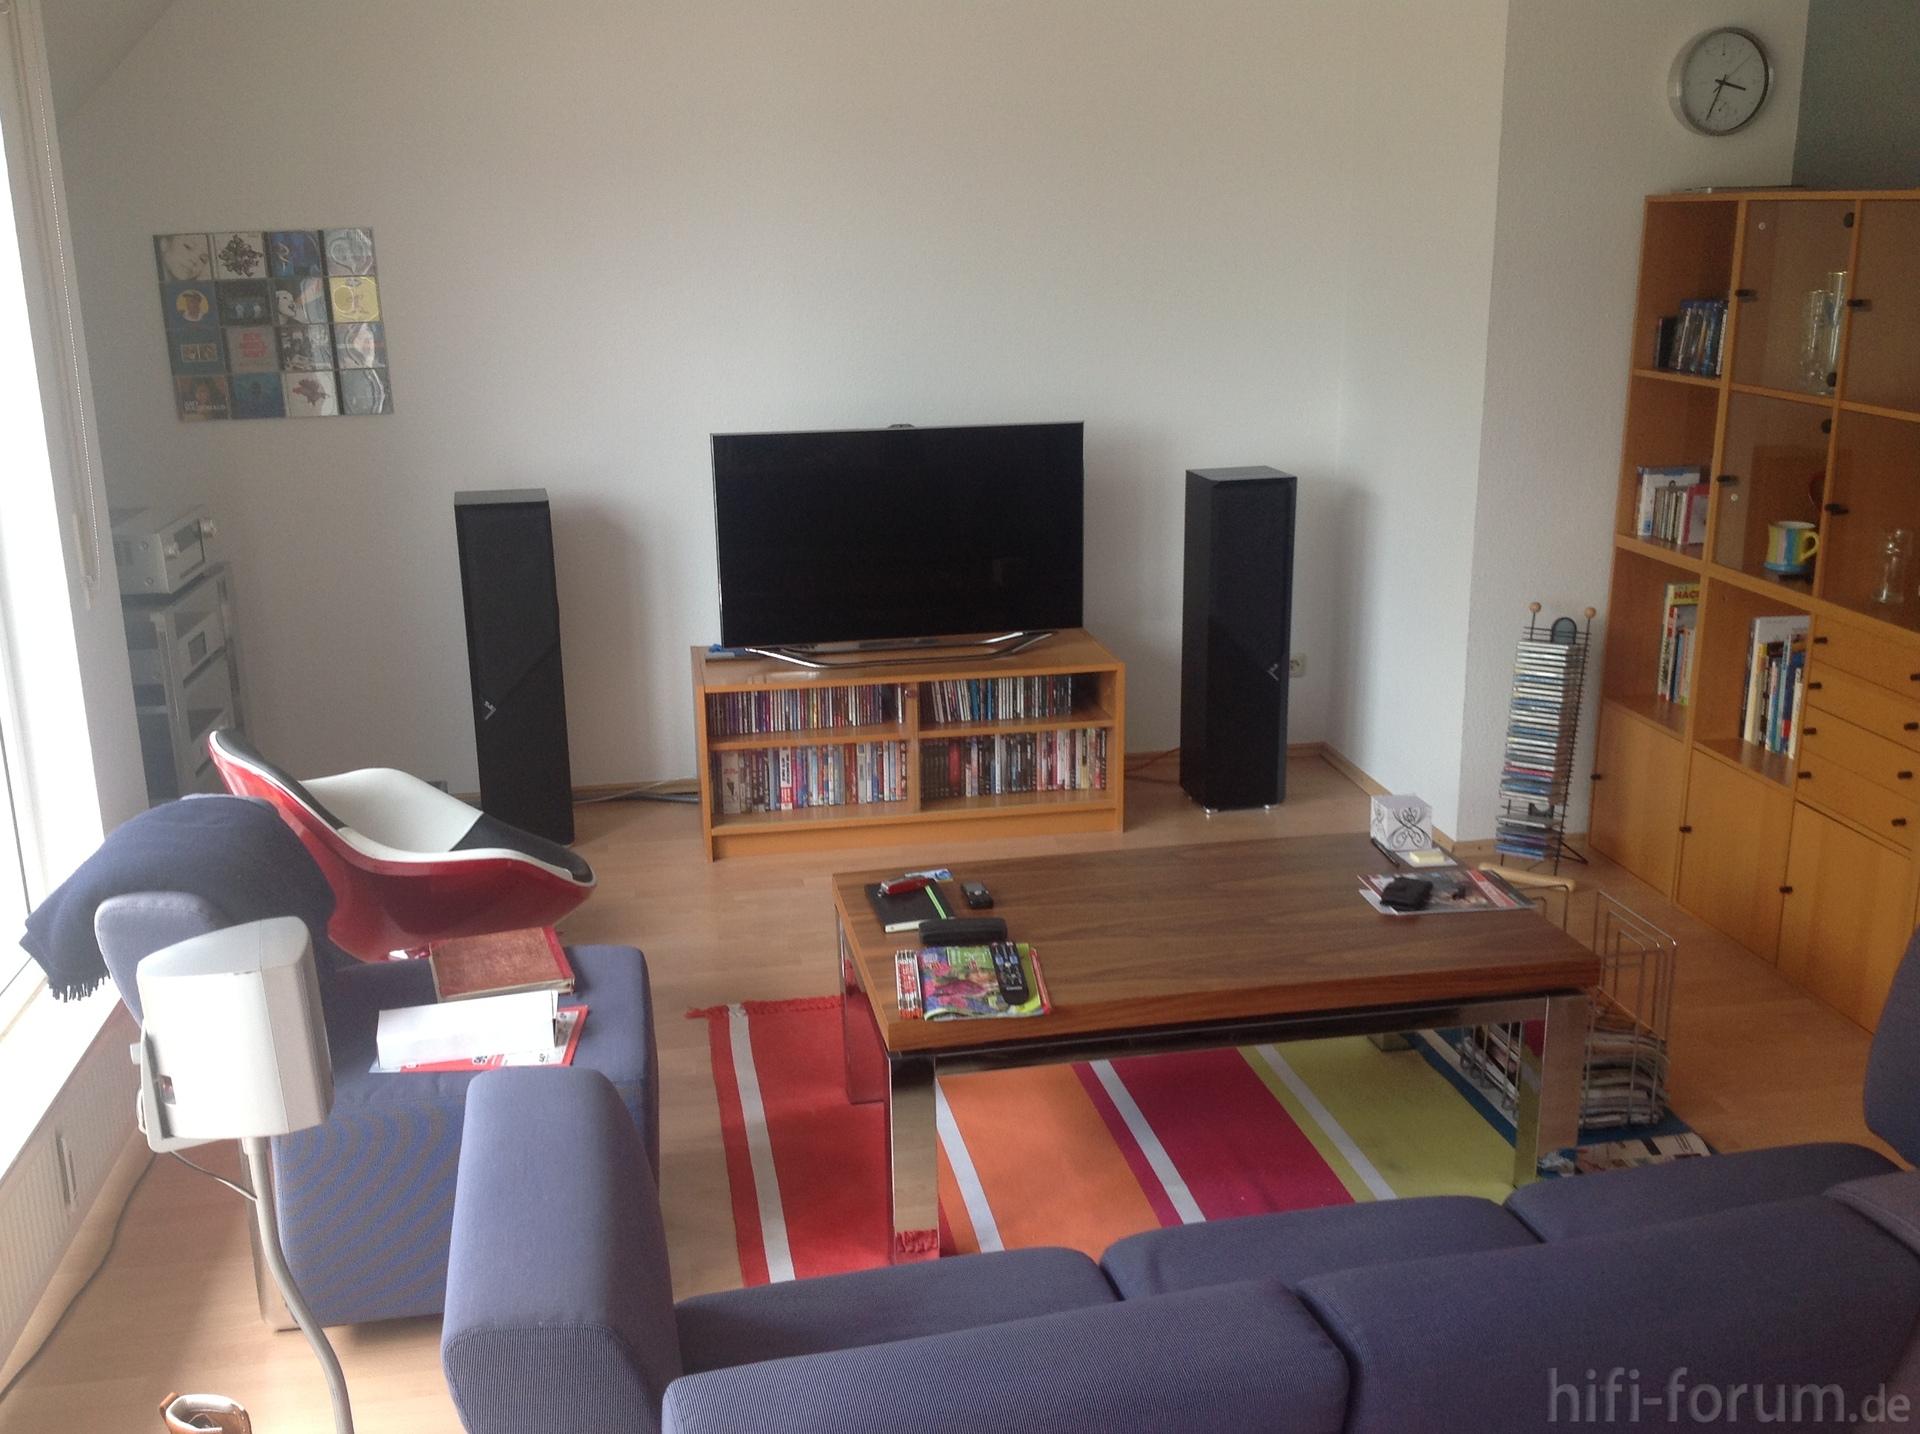 Mein Wohnzimmer Mit Anlage Anlage Lautsprecher Stereo